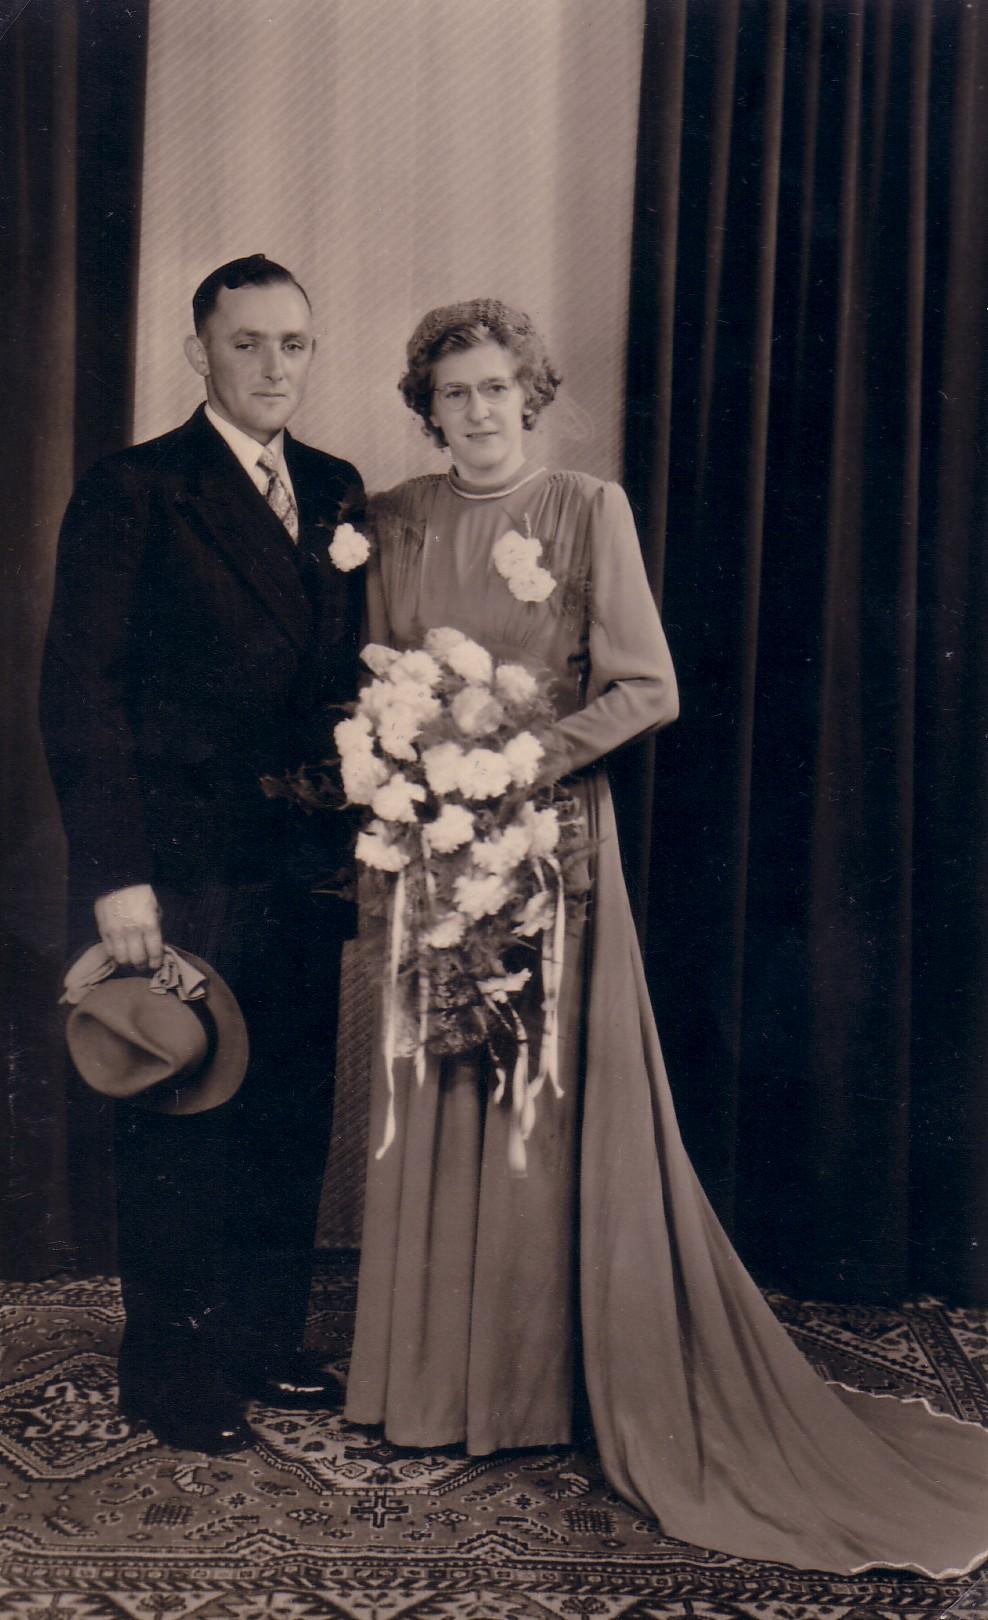 Huwelijk Arie van der Gaag en Adriana van Eijmeren (1950)